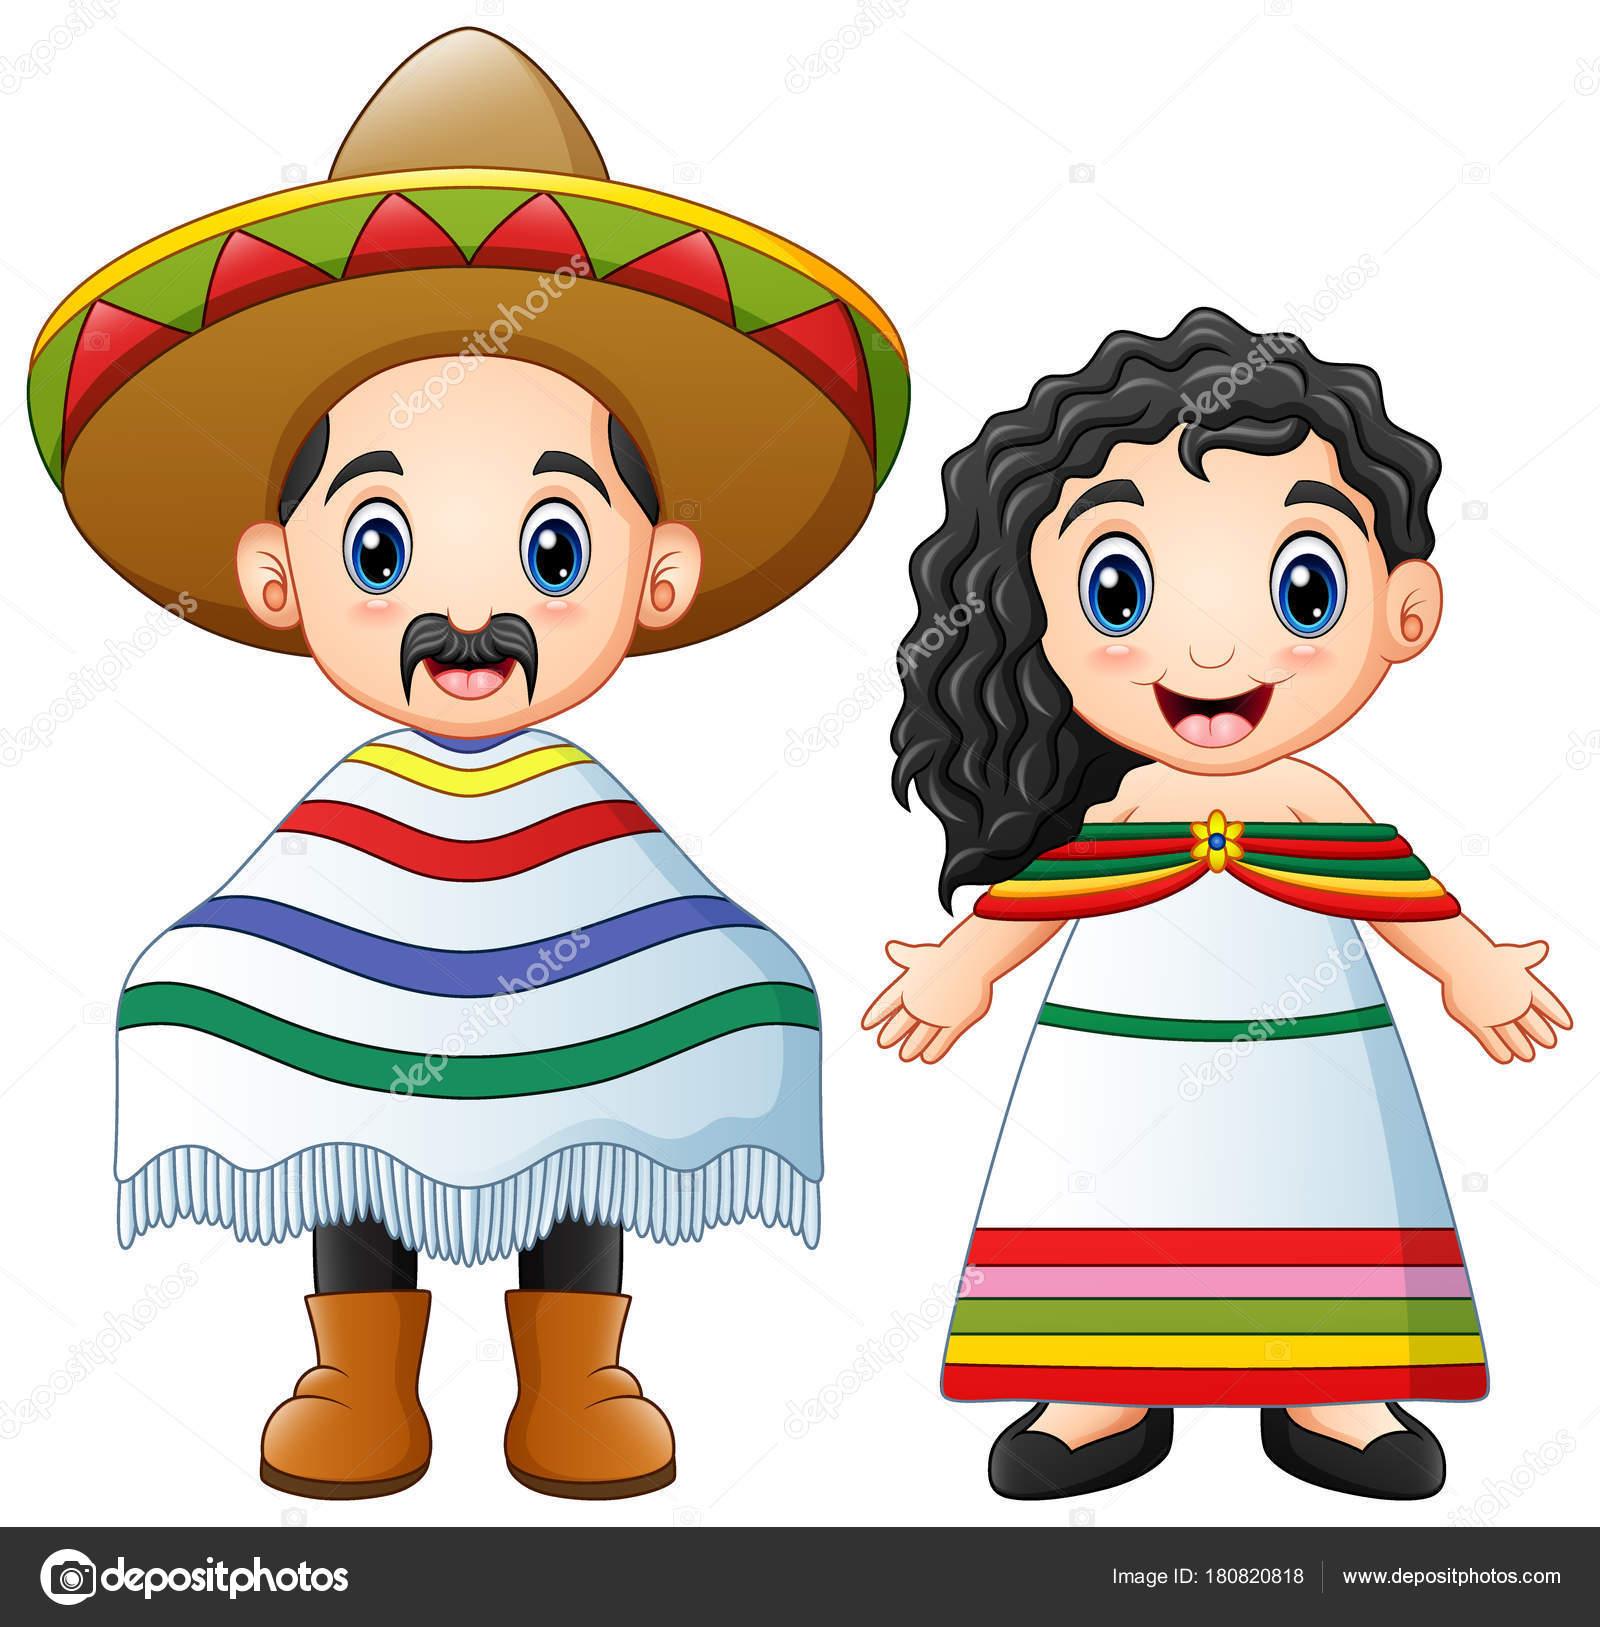 Ilustración Vector Pareja Los Dibujos Animados Mexicanos Vestidos Con  Trajes — Archivo Imágenes Vectoriales 156ee2e6ee6